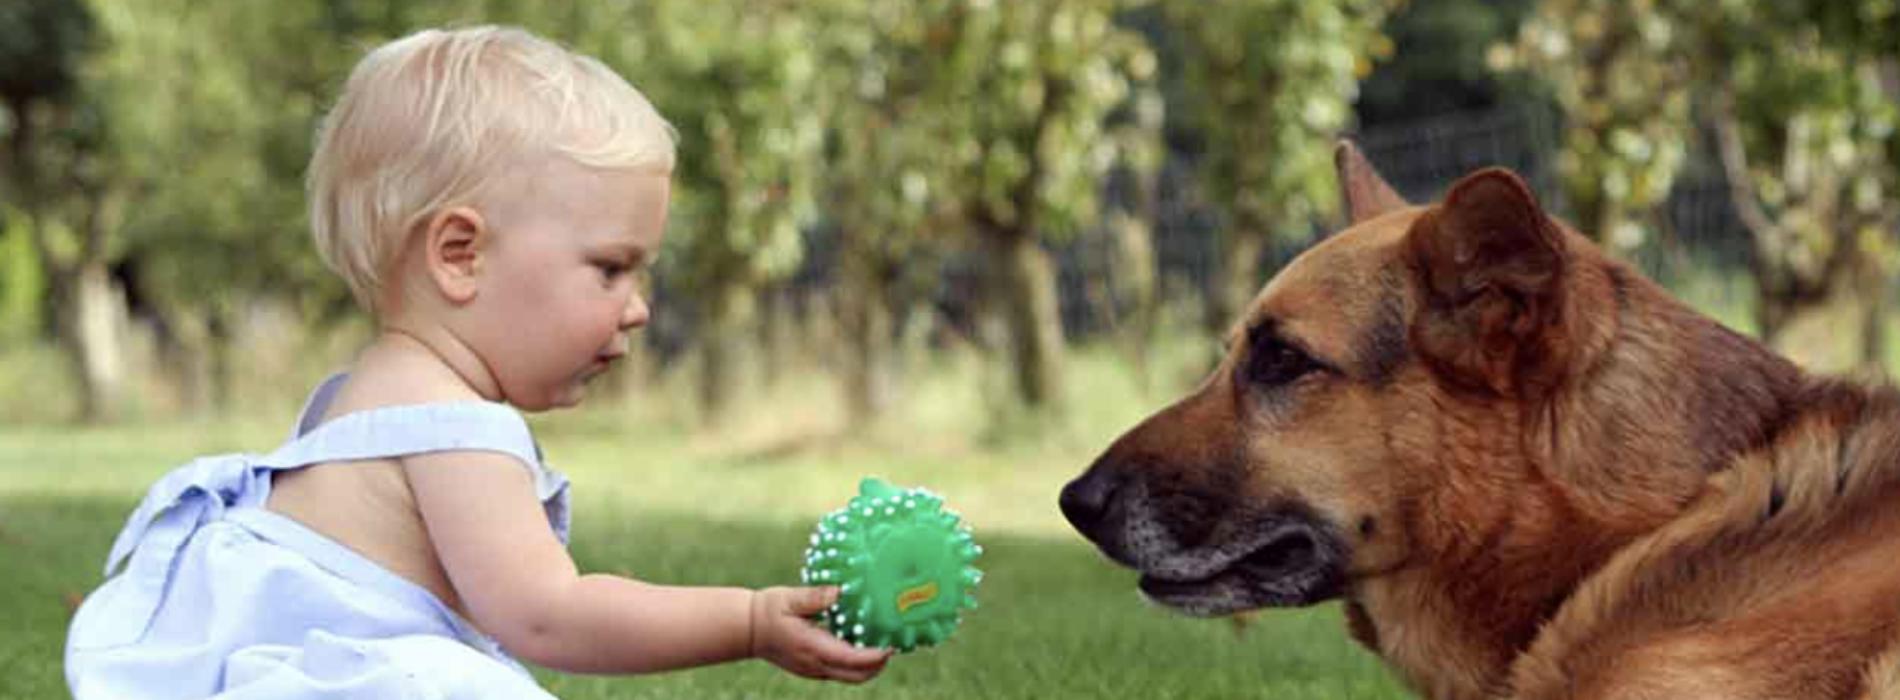 Un occhio verde e uno blu, fiaba che racconta l'amore per un cane